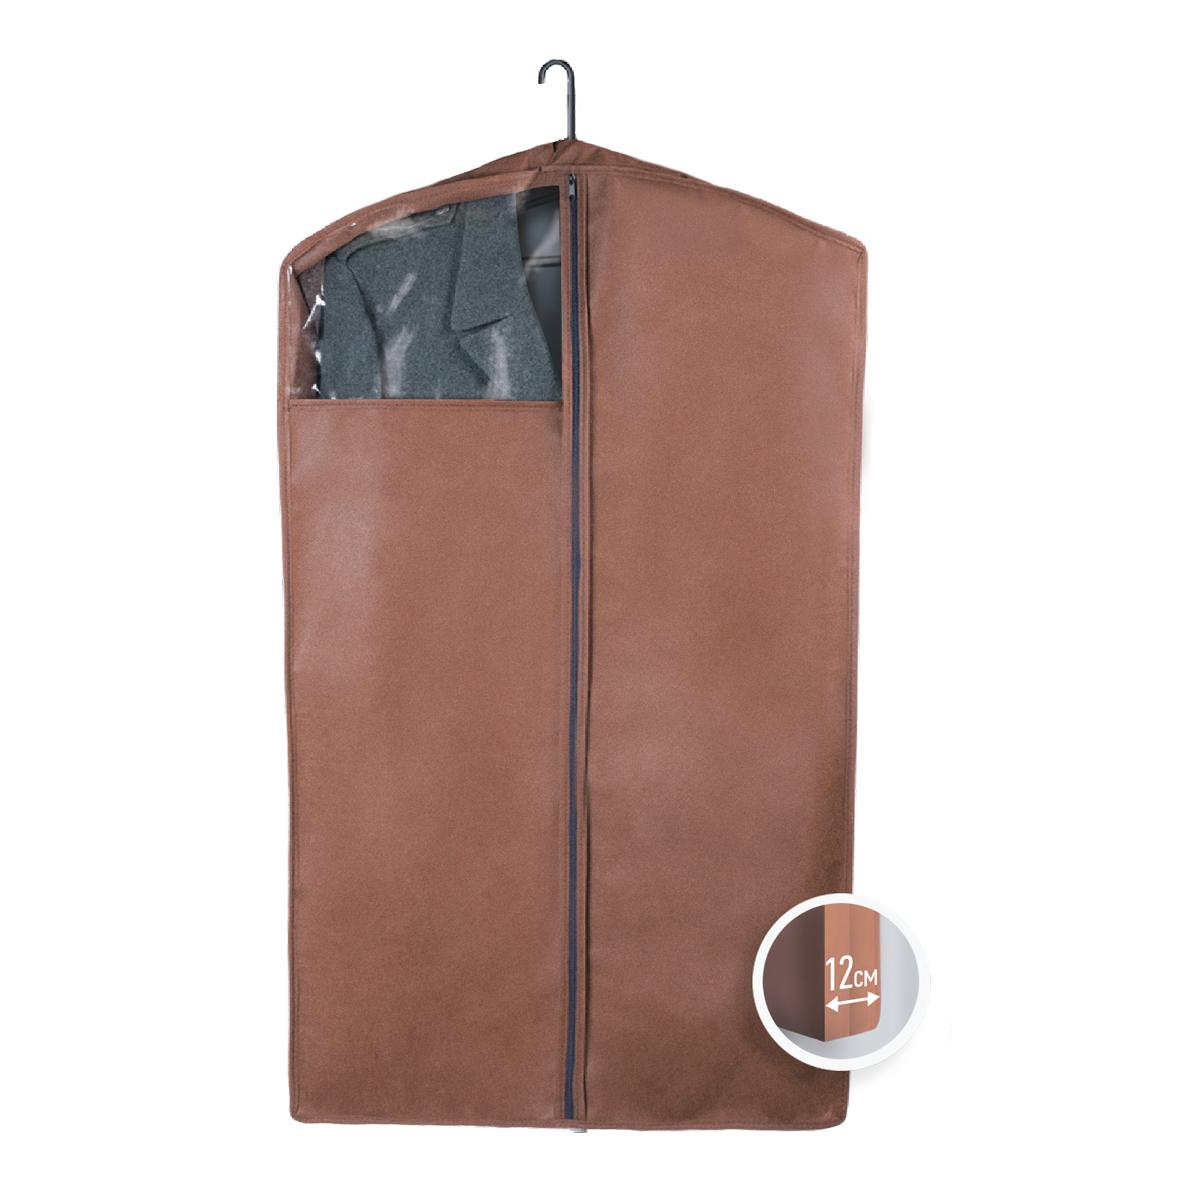 Чехол для верхней одежды Miolla, с окошком, цвет: коричневый, 100 х 60 х 12 см10503Чехол для верхней одежды Miolla на застежке-молнии выполнен из высококачественного нетканого материала. Прозрачное полиэтиленовое окошко позволяет видеть содержимое чехла. Подходит для длительного хранения вещей.Чехол обеспечивает вашей одежде надежную защиту от влажности, повреждений и грязи при транспортировке, от запыления при хранении и проникновения моли. Чехол обладает водоотталкивающими свойствами, а также позволяет воздуху свободно поступать внутрь вещей, обеспечивая их кондиционирование. Это особенно важно при хранении кожаных и меховых изделий.Размер чехла: 100 х 60 х 12 см.